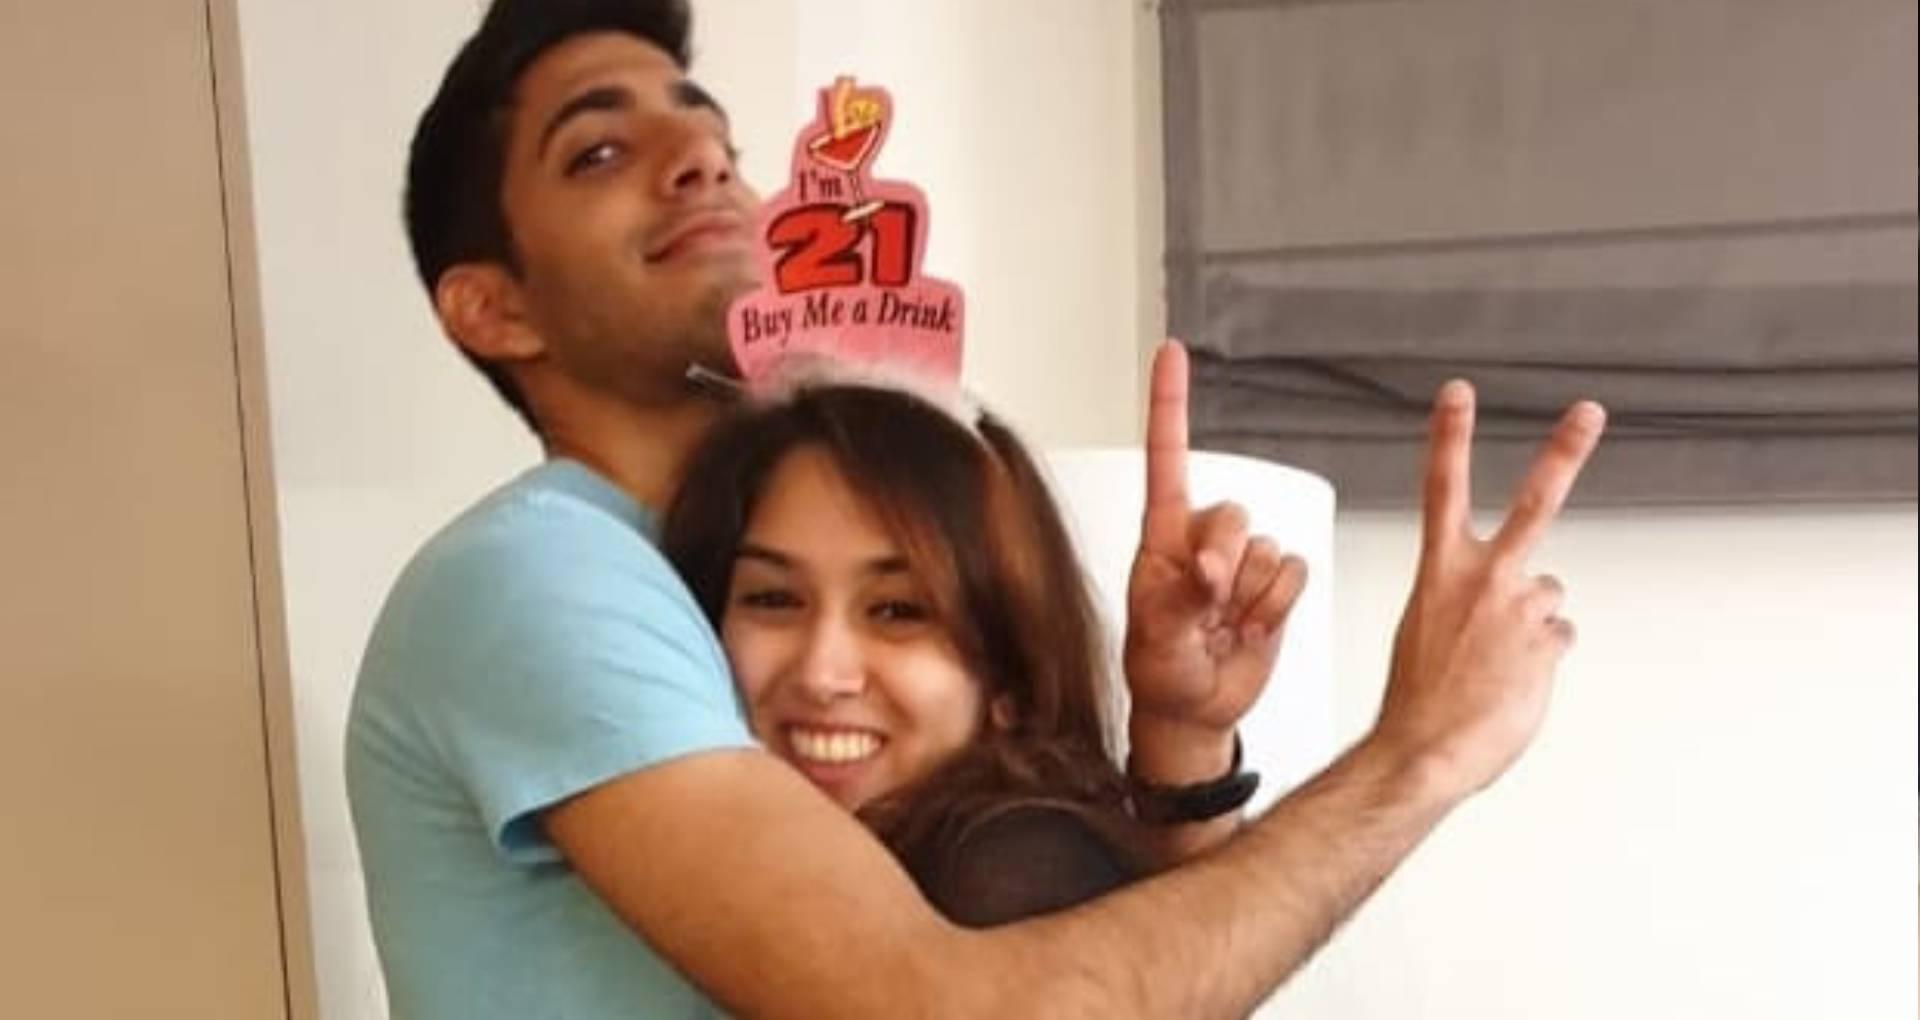 आमिर खान की बेटी ने इरा खान ने बॉयफ्रेंड को लेकर किया खुलासा, कहा- इस शख्स के साथ करेंगी डेटिंग